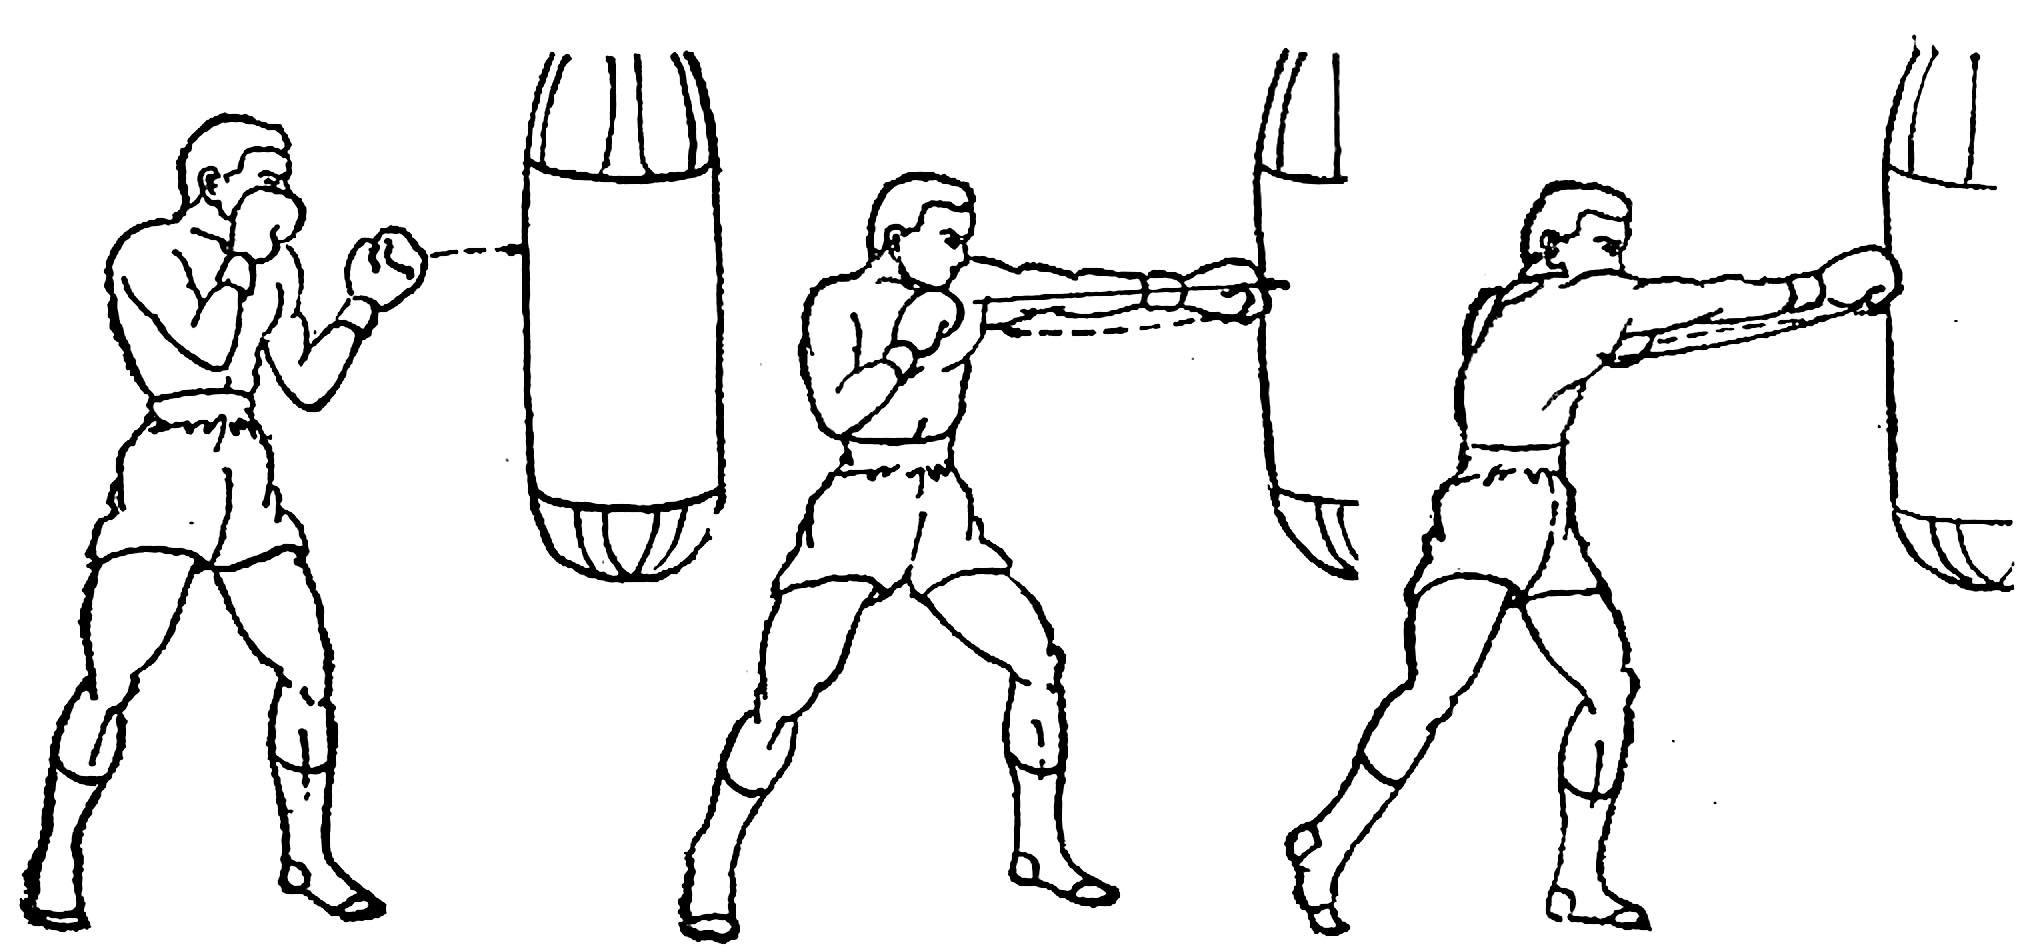 движение бокса картинки акцентом одной